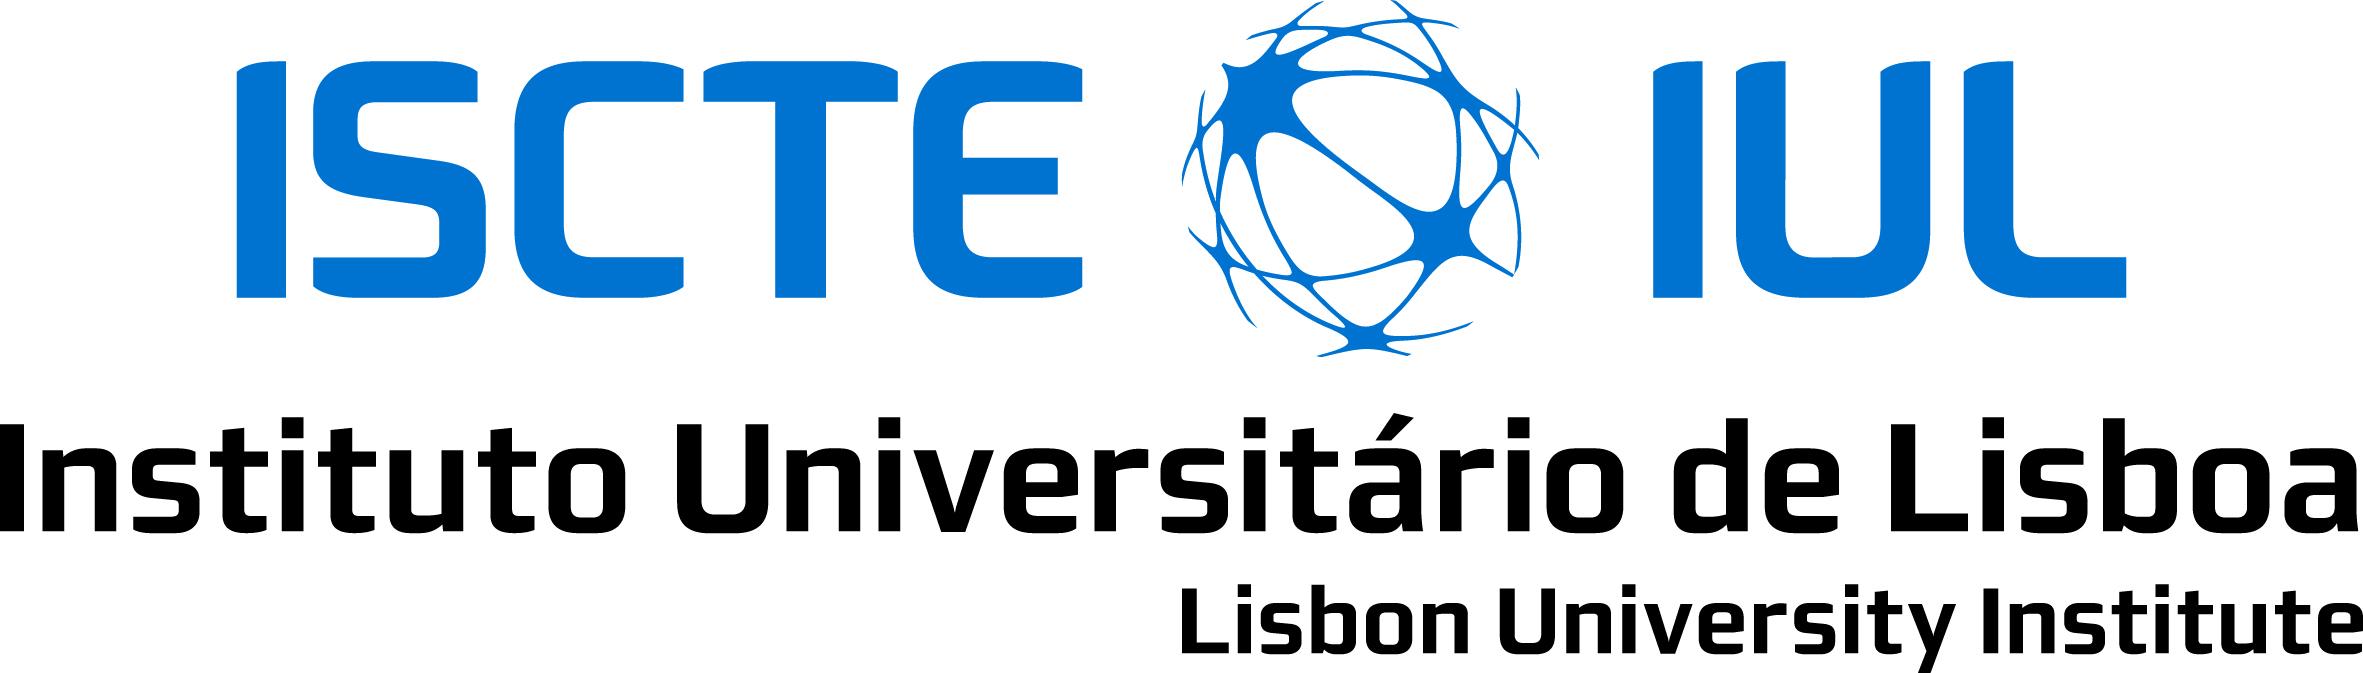 Instituto Universitário de Lisboa